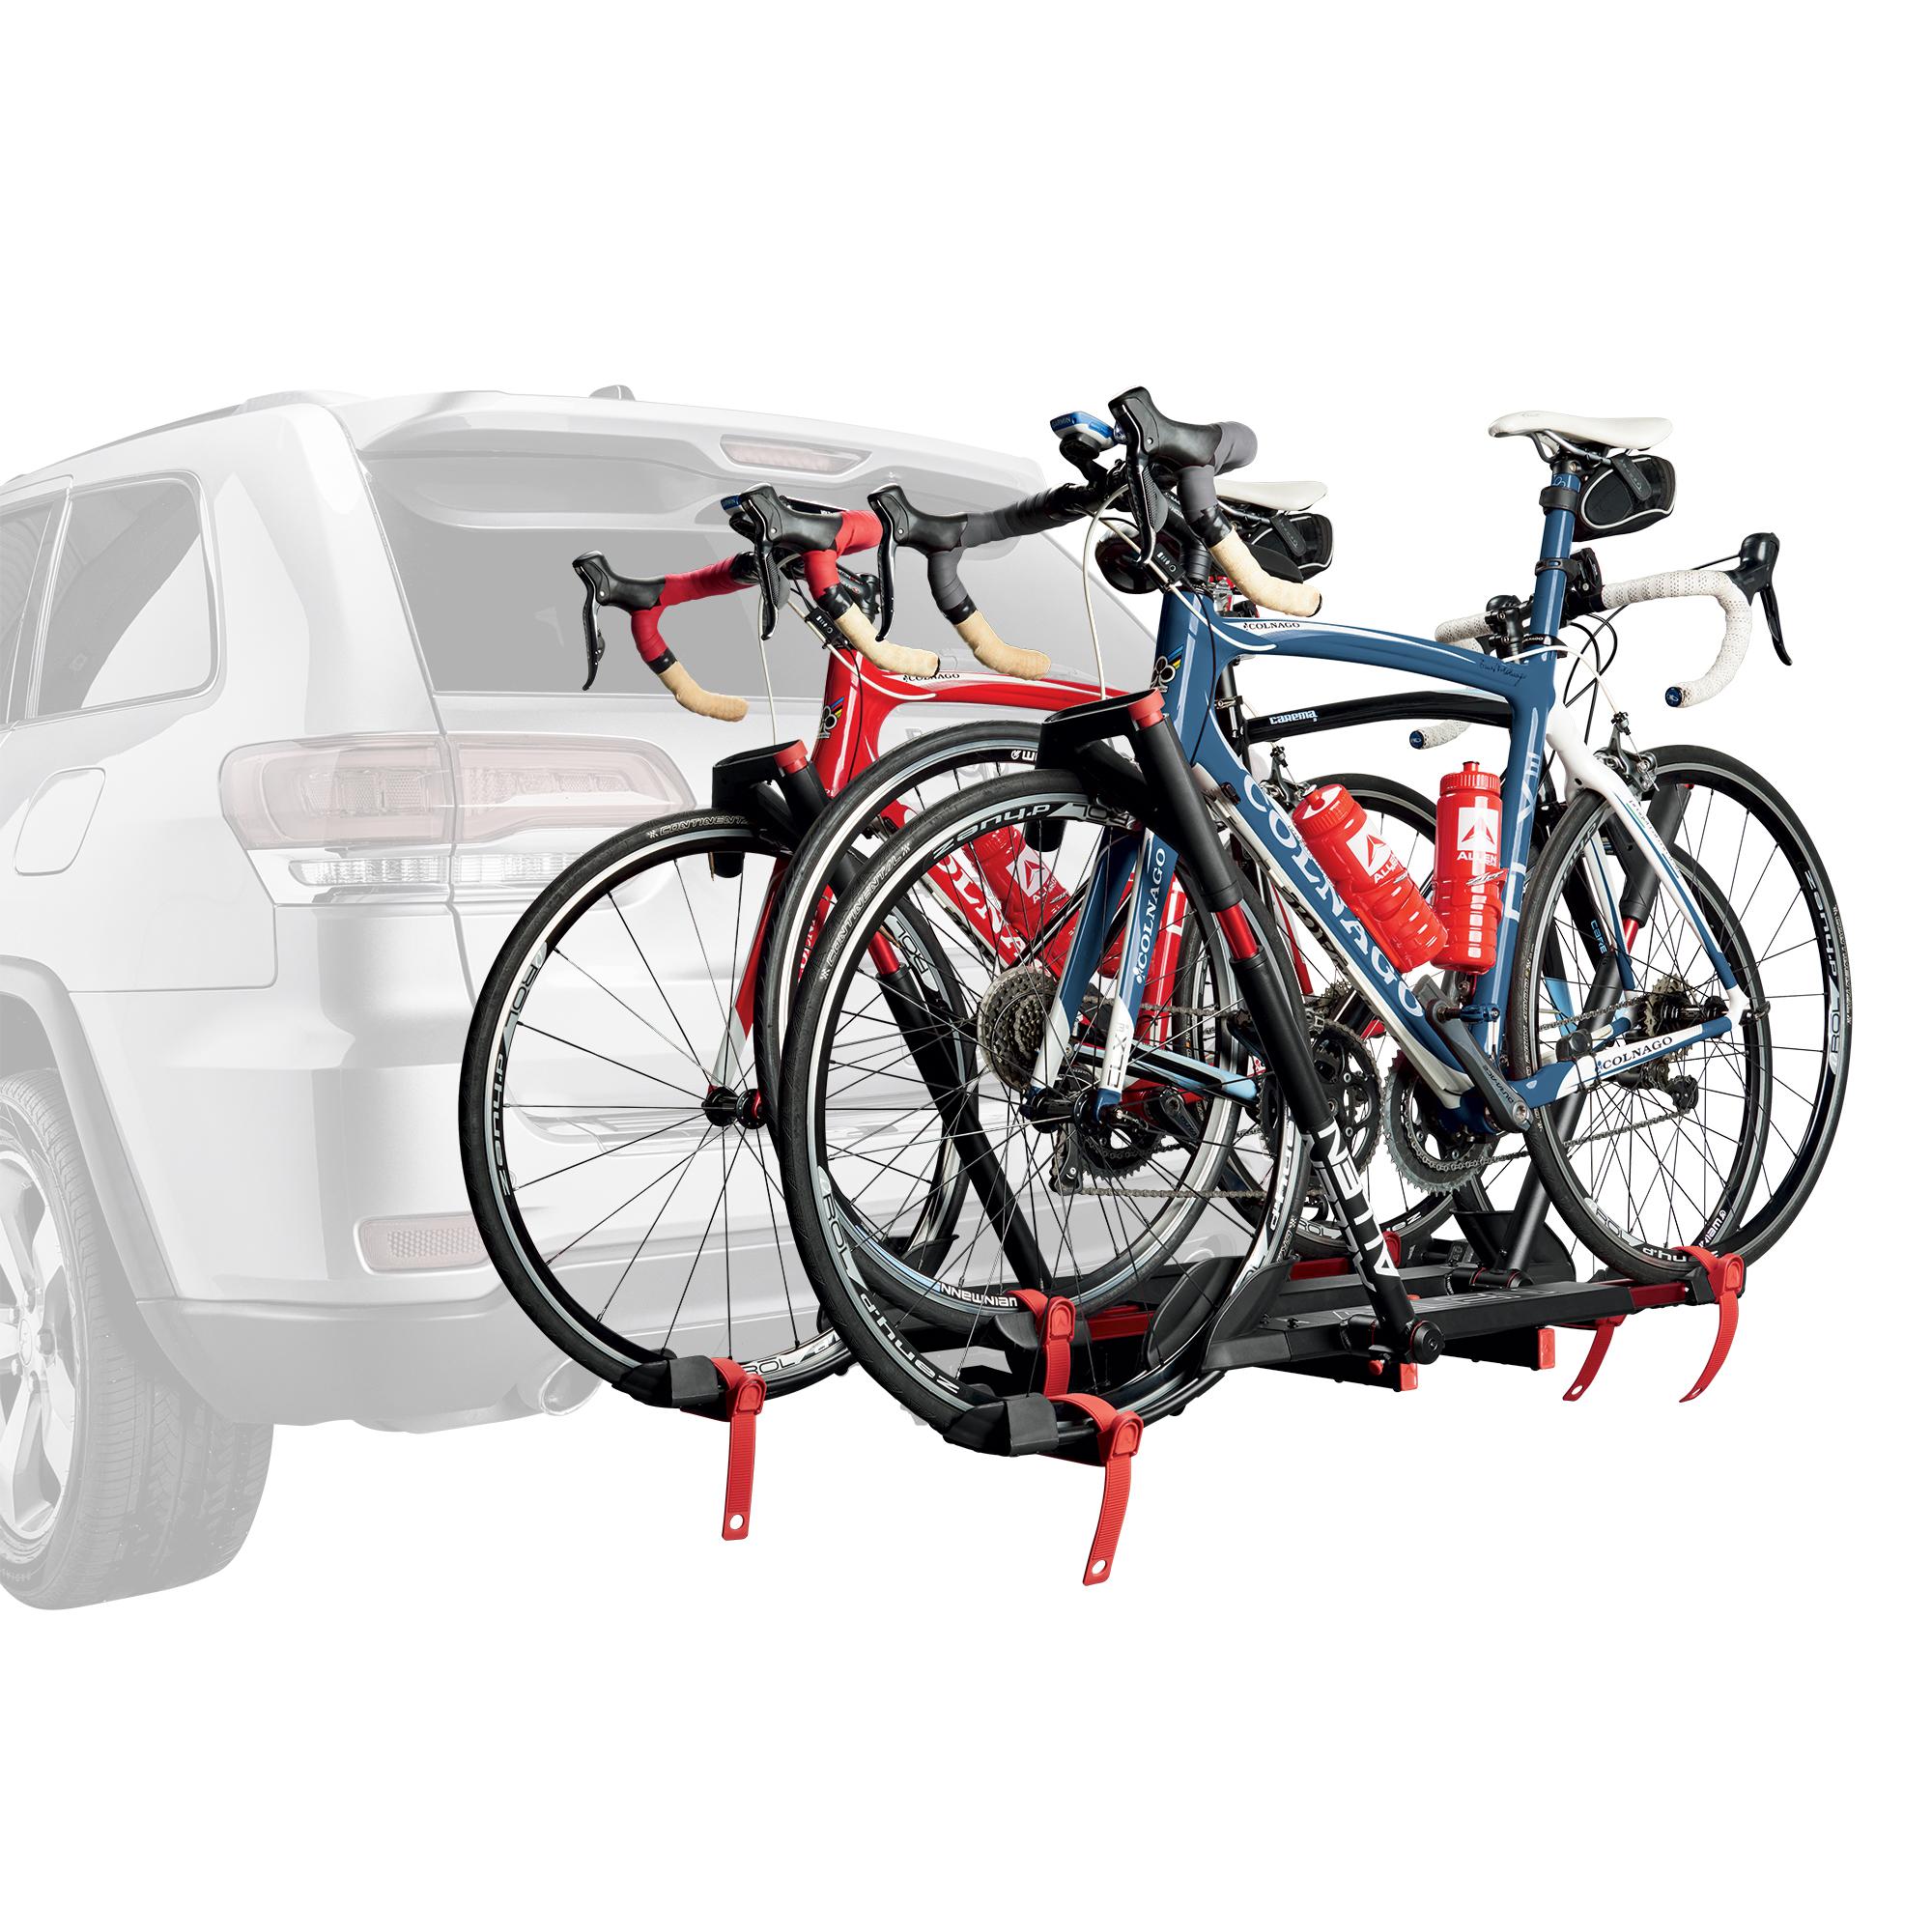 Allen Sports Premier Locking 3-Bike Tray Rack, Model AR300 $292.33